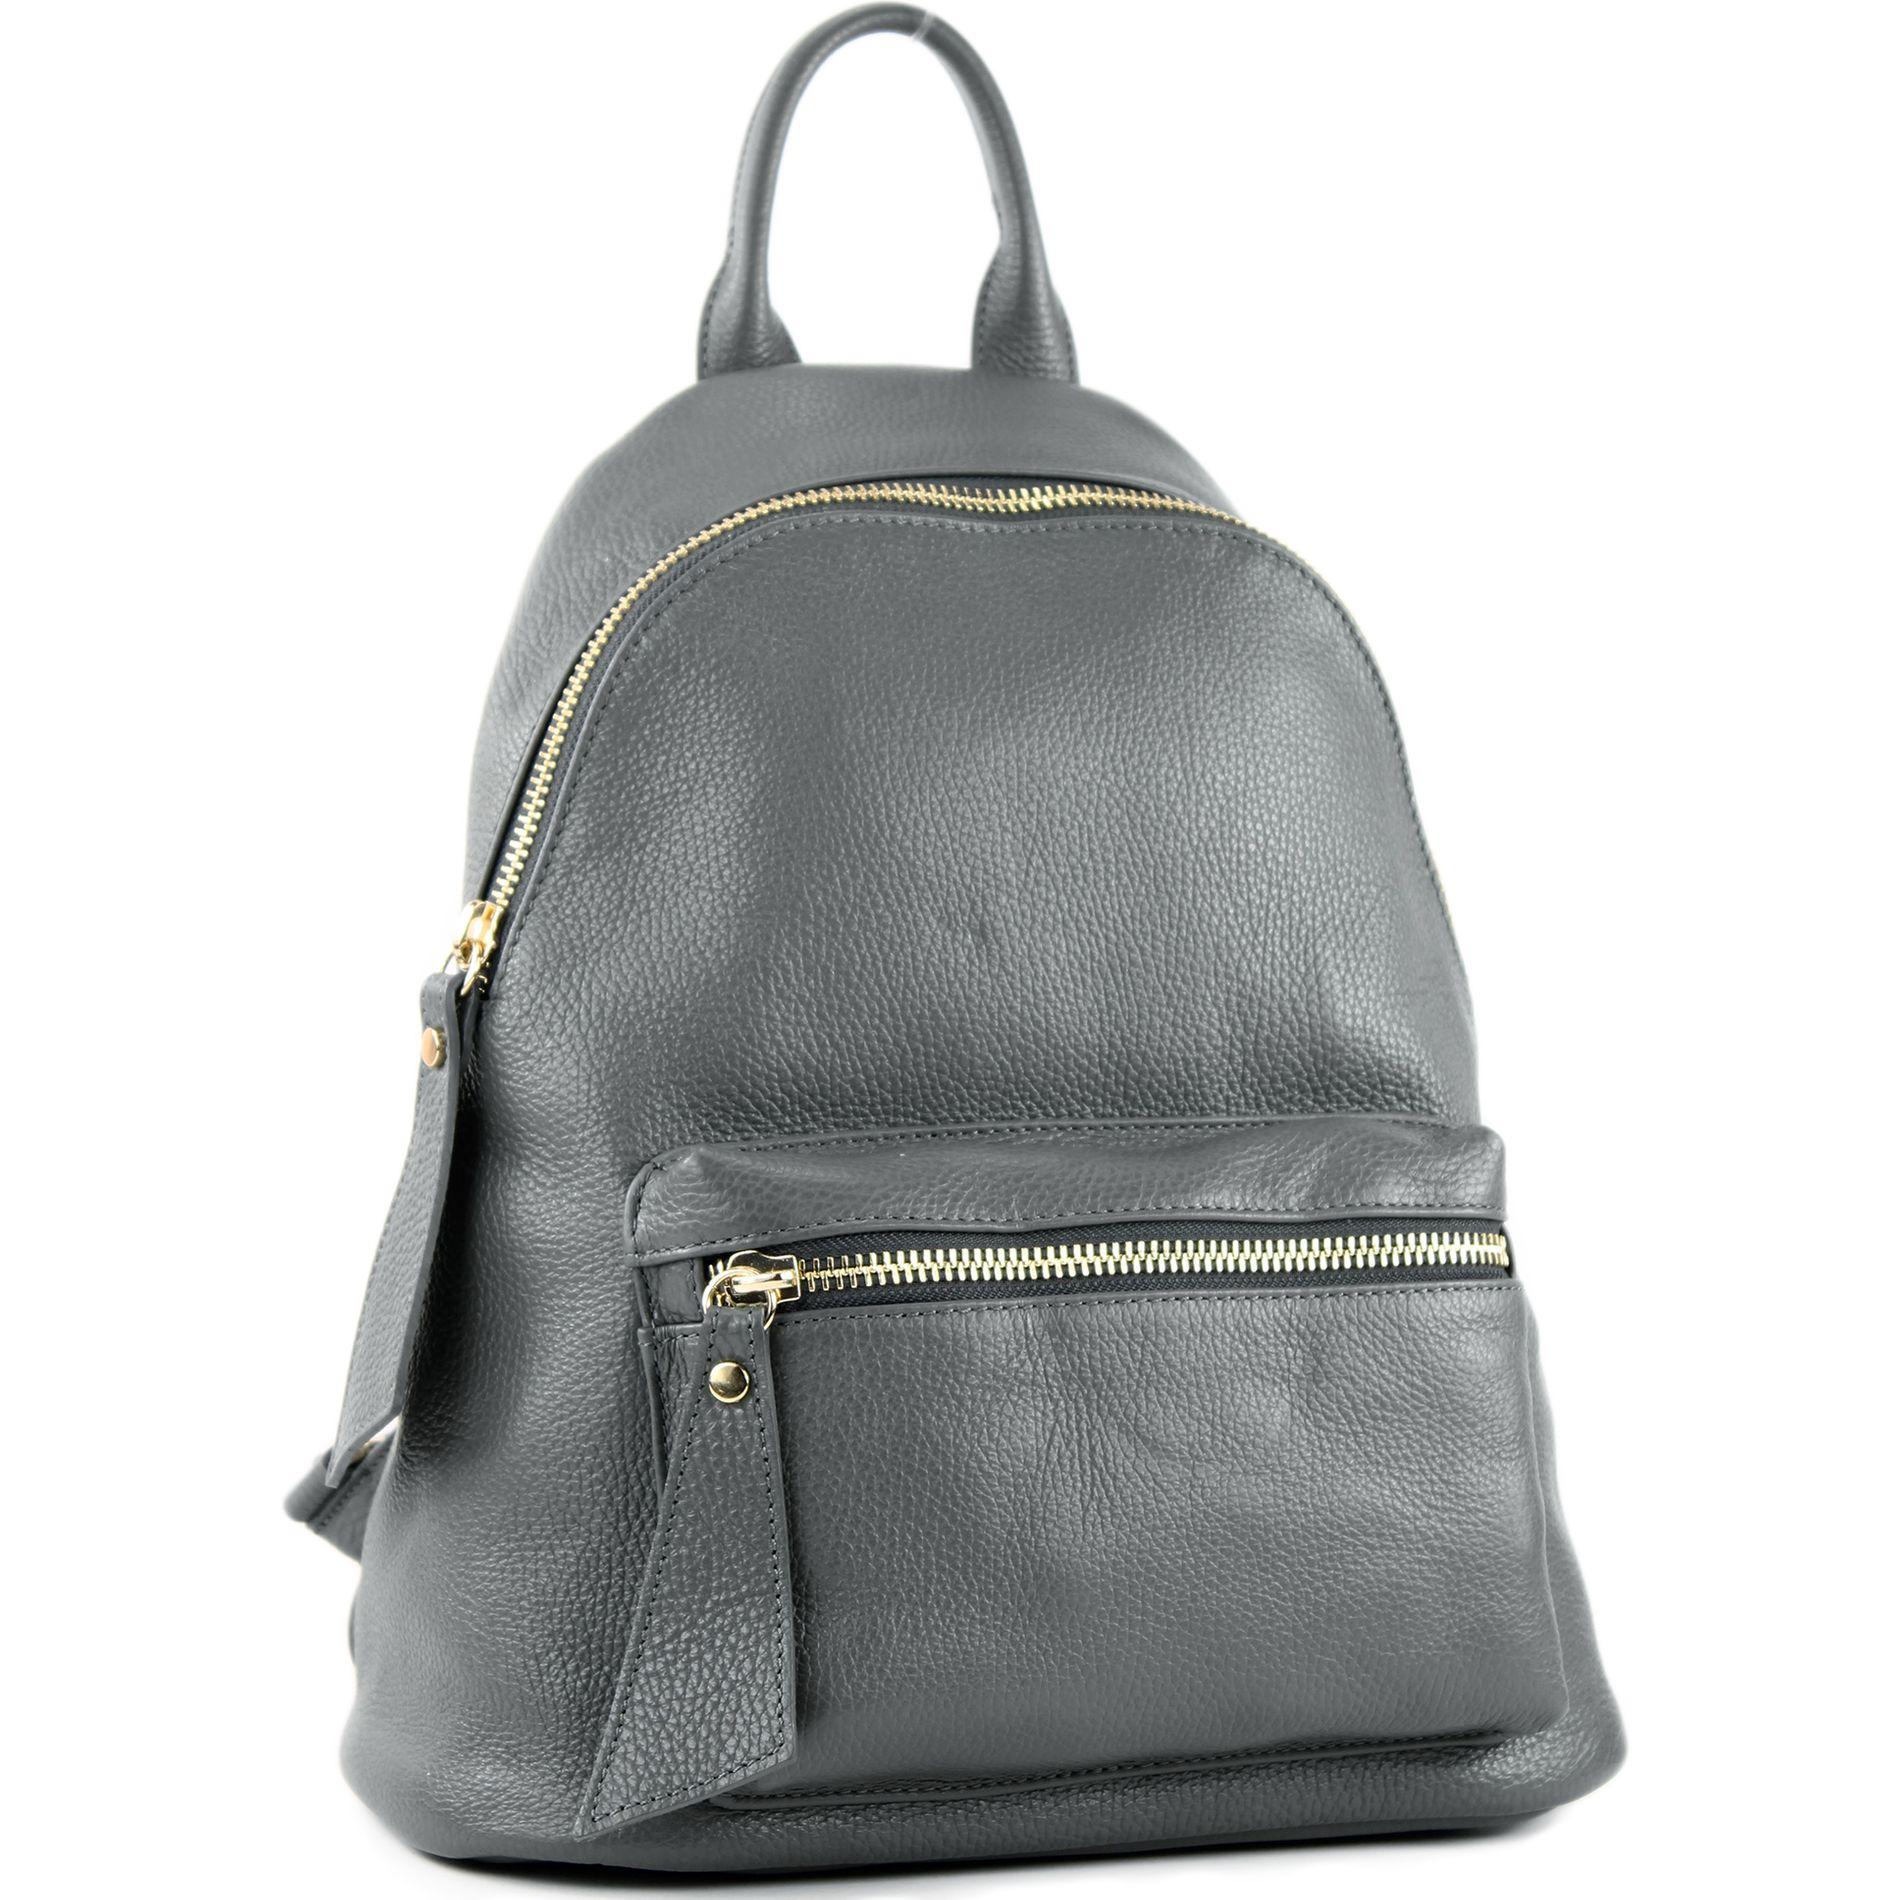 debf7cbe295e5 modamoda de - T171A - ital Damen Rucksacktasche aus Leder